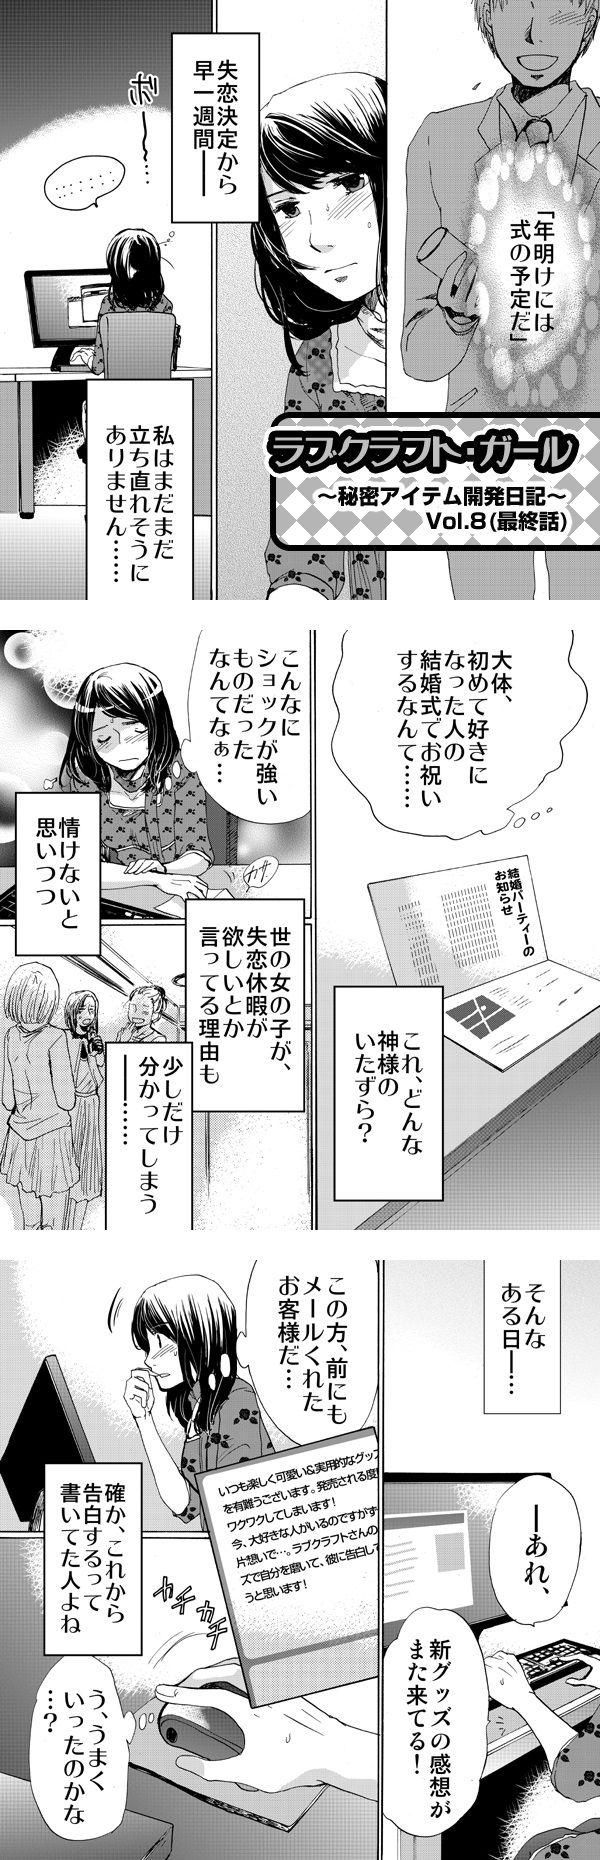 ラブクラフト・ガール 漫画 マンガ エルシーラブコスメティック 映画 ラブグッズ シンマミサ